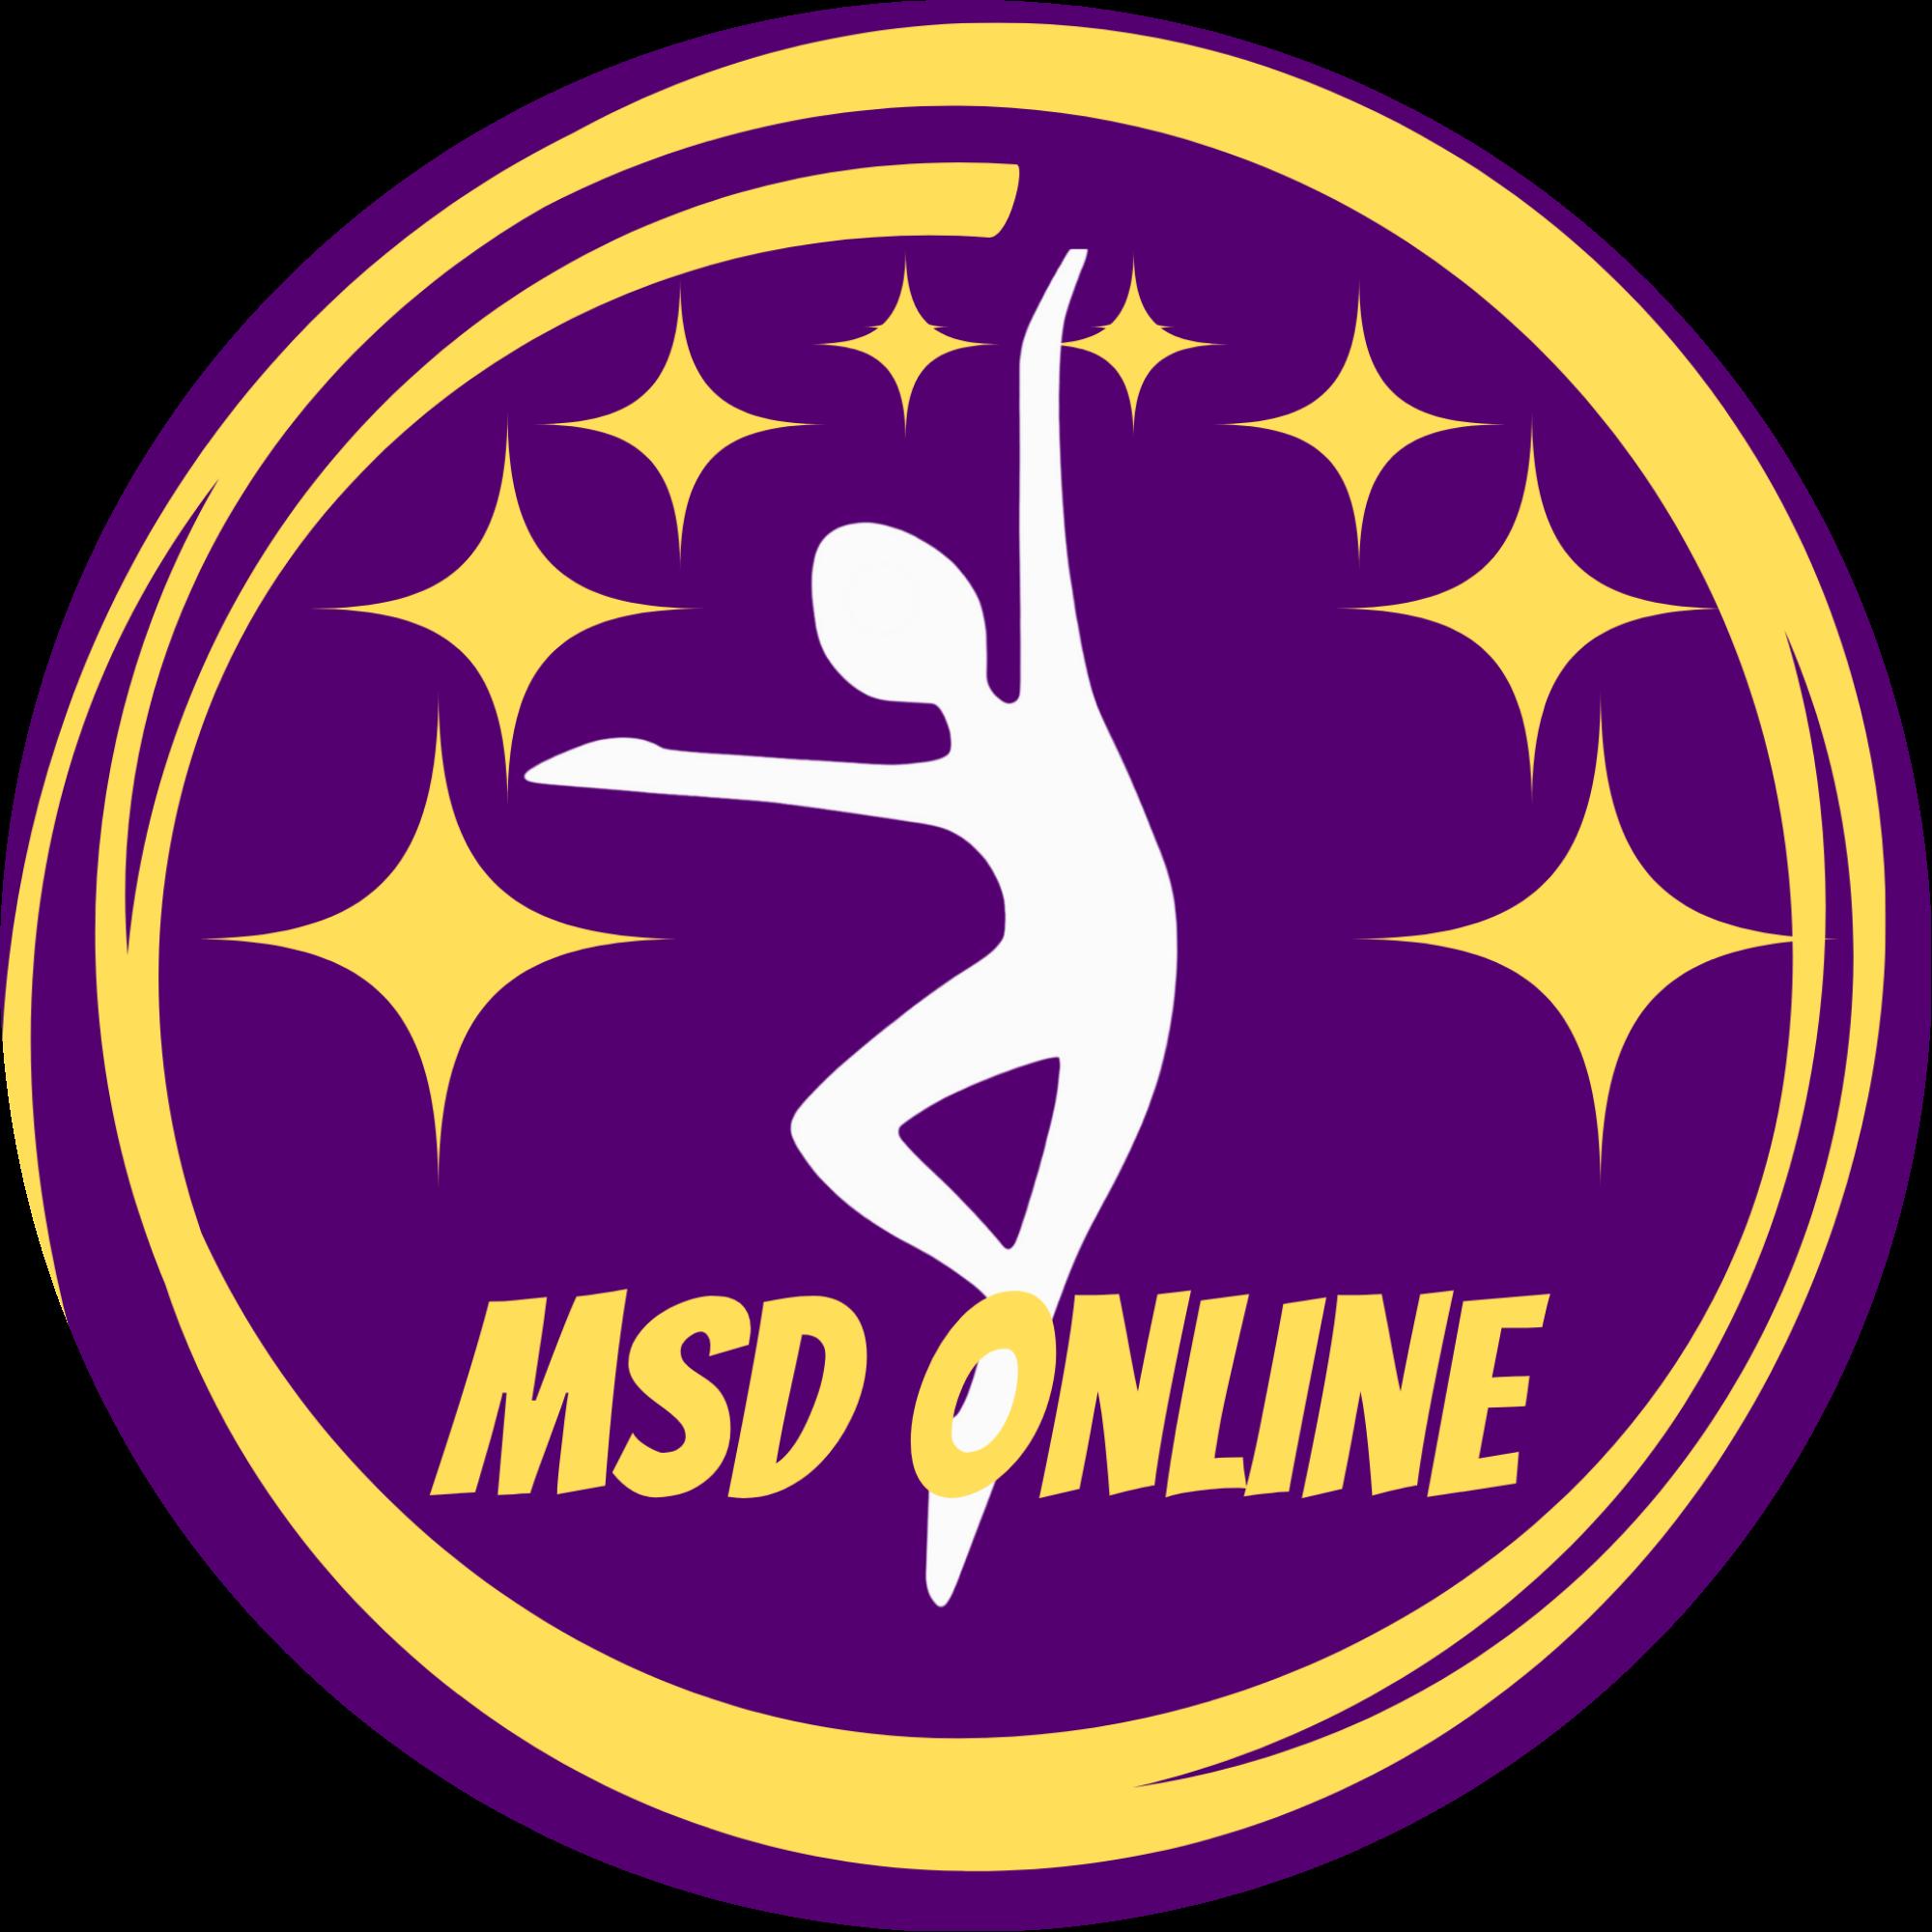 MSD Online Classes for Kids logo